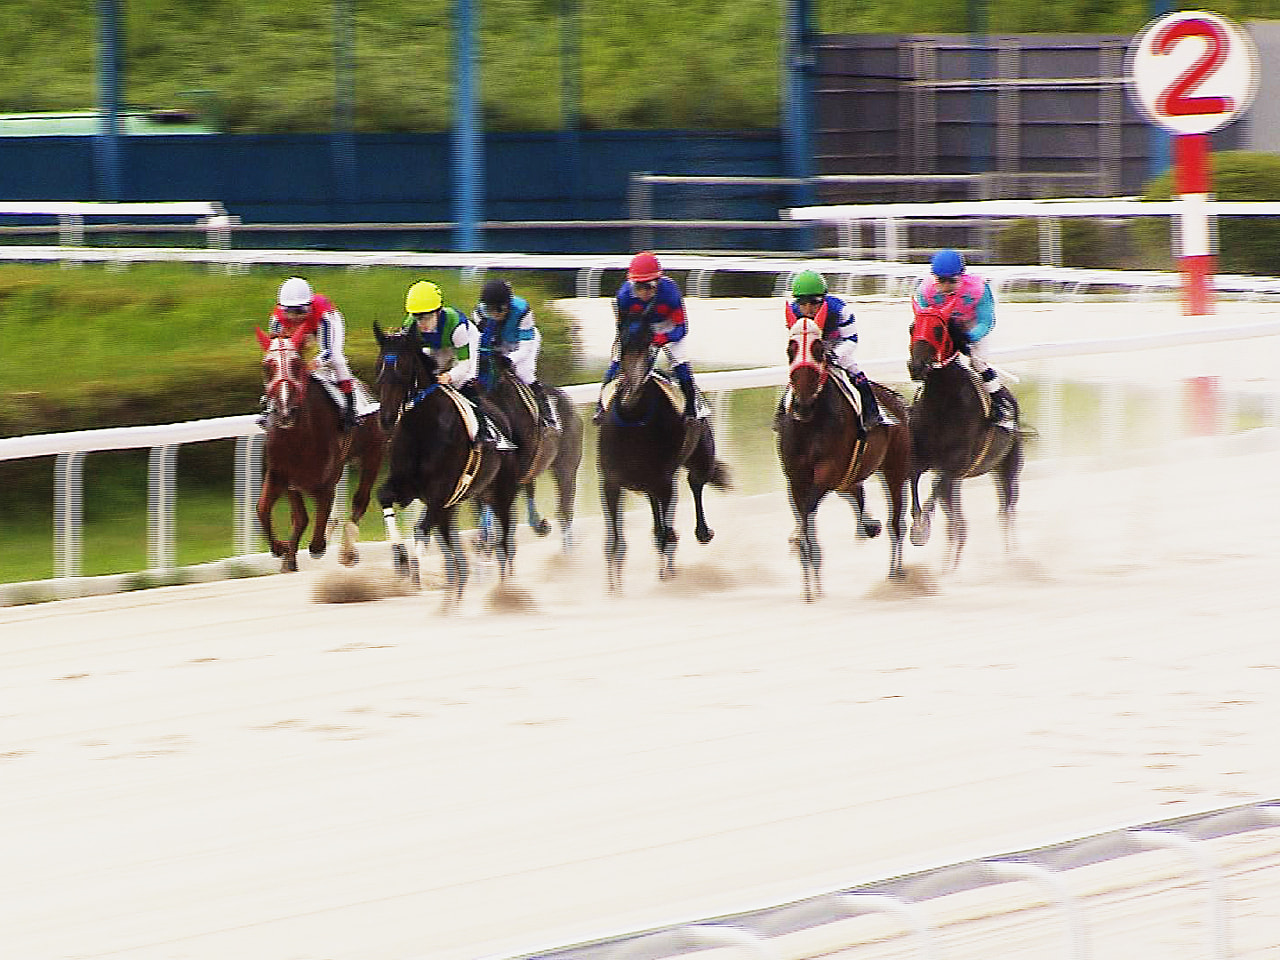 騎手らによる馬券の不正購入など不祥事が相次ぎ、1月からレースを中止している笠松競...